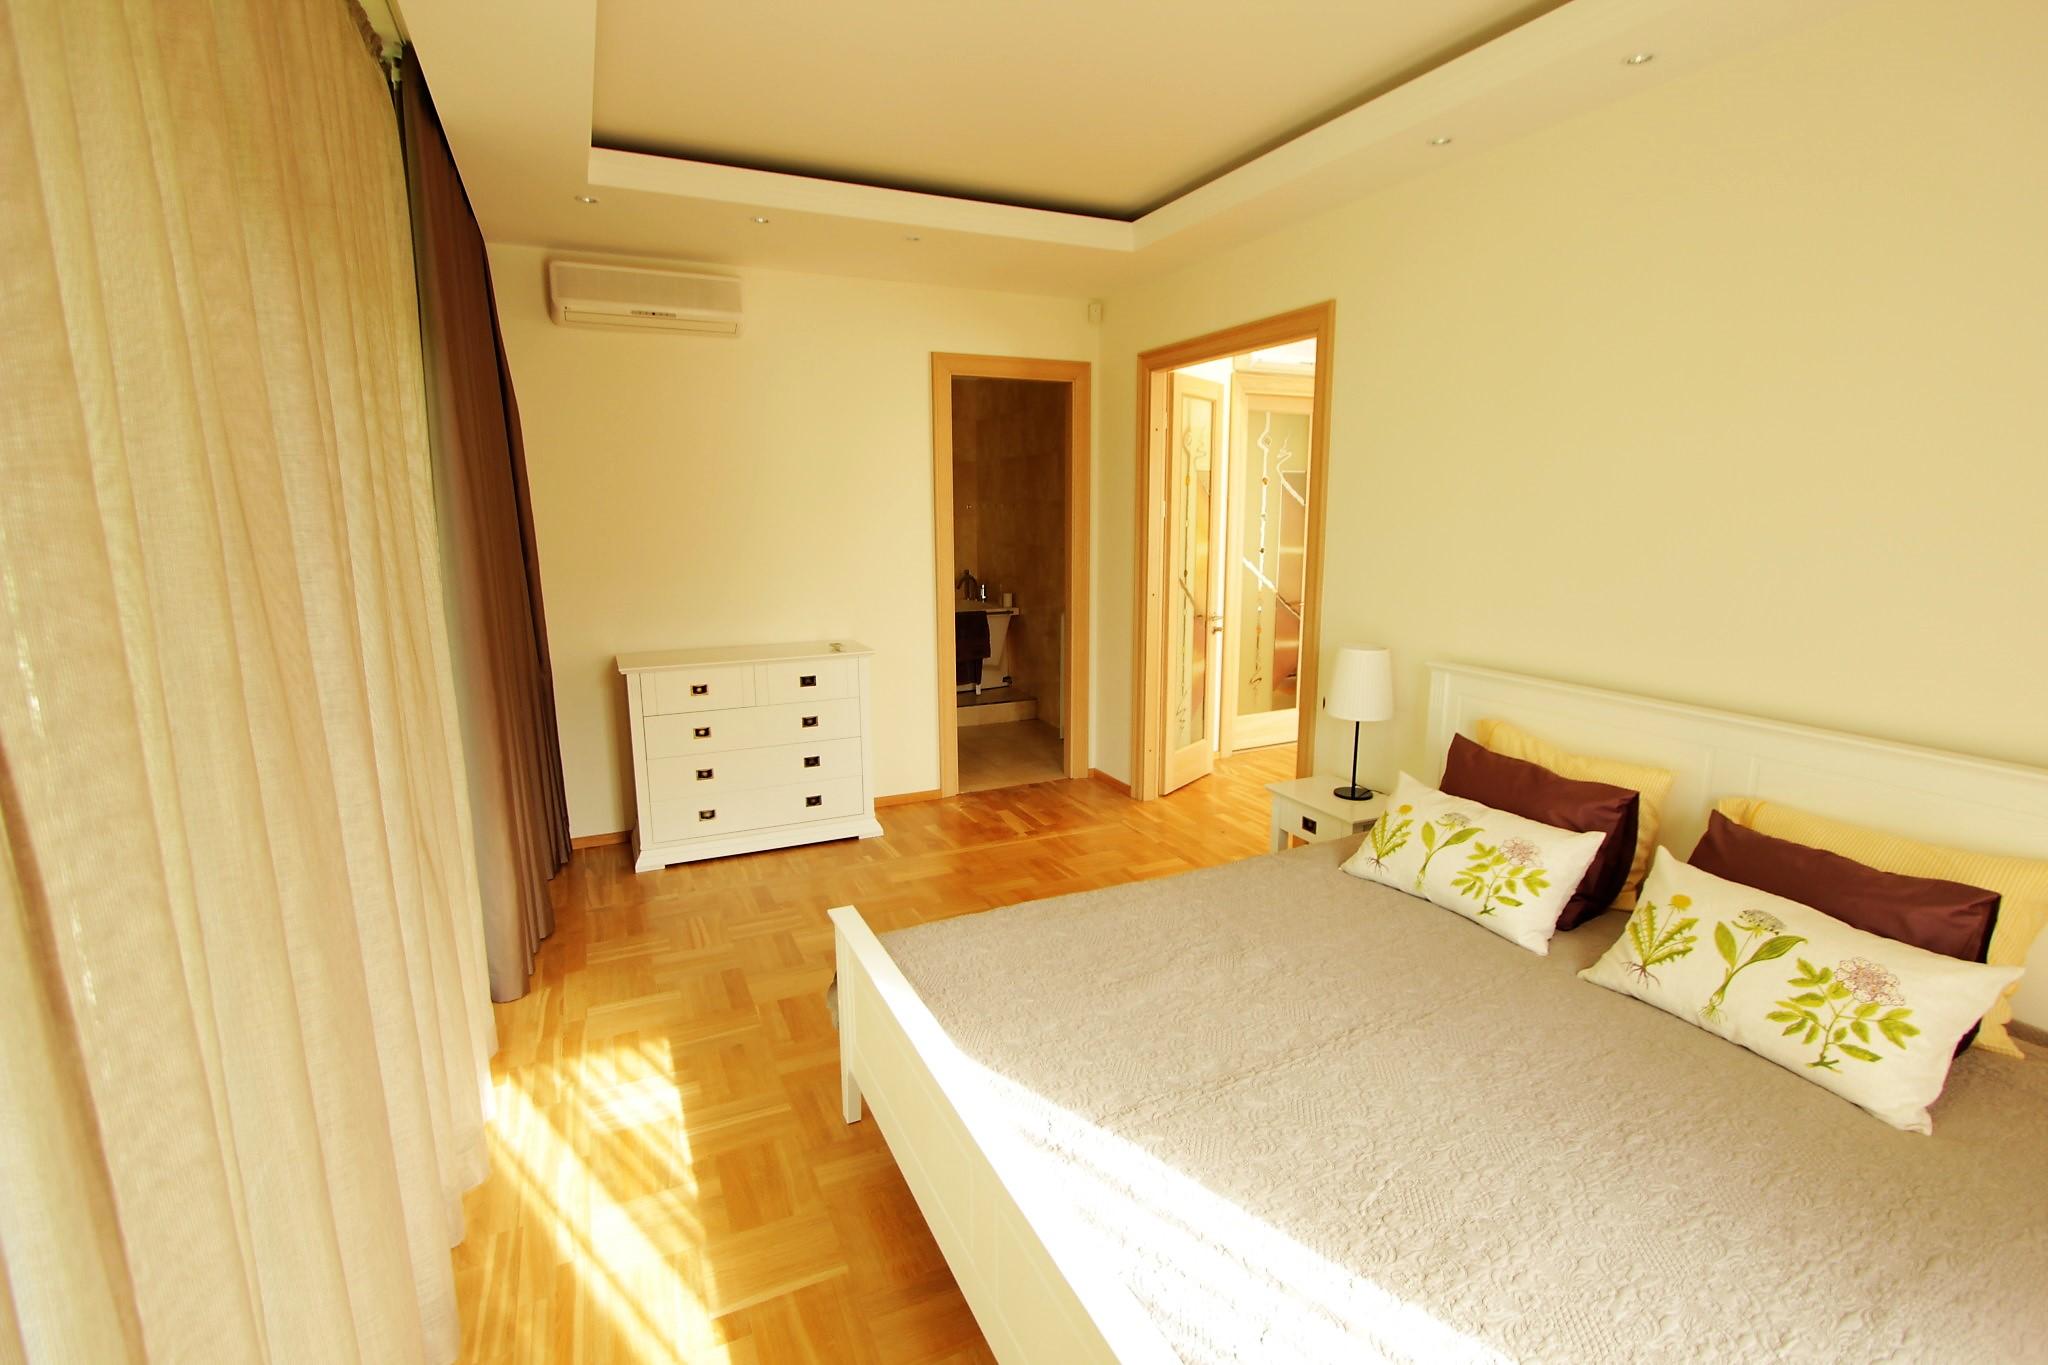 Guļamistabas mēbeļu komplektēšana